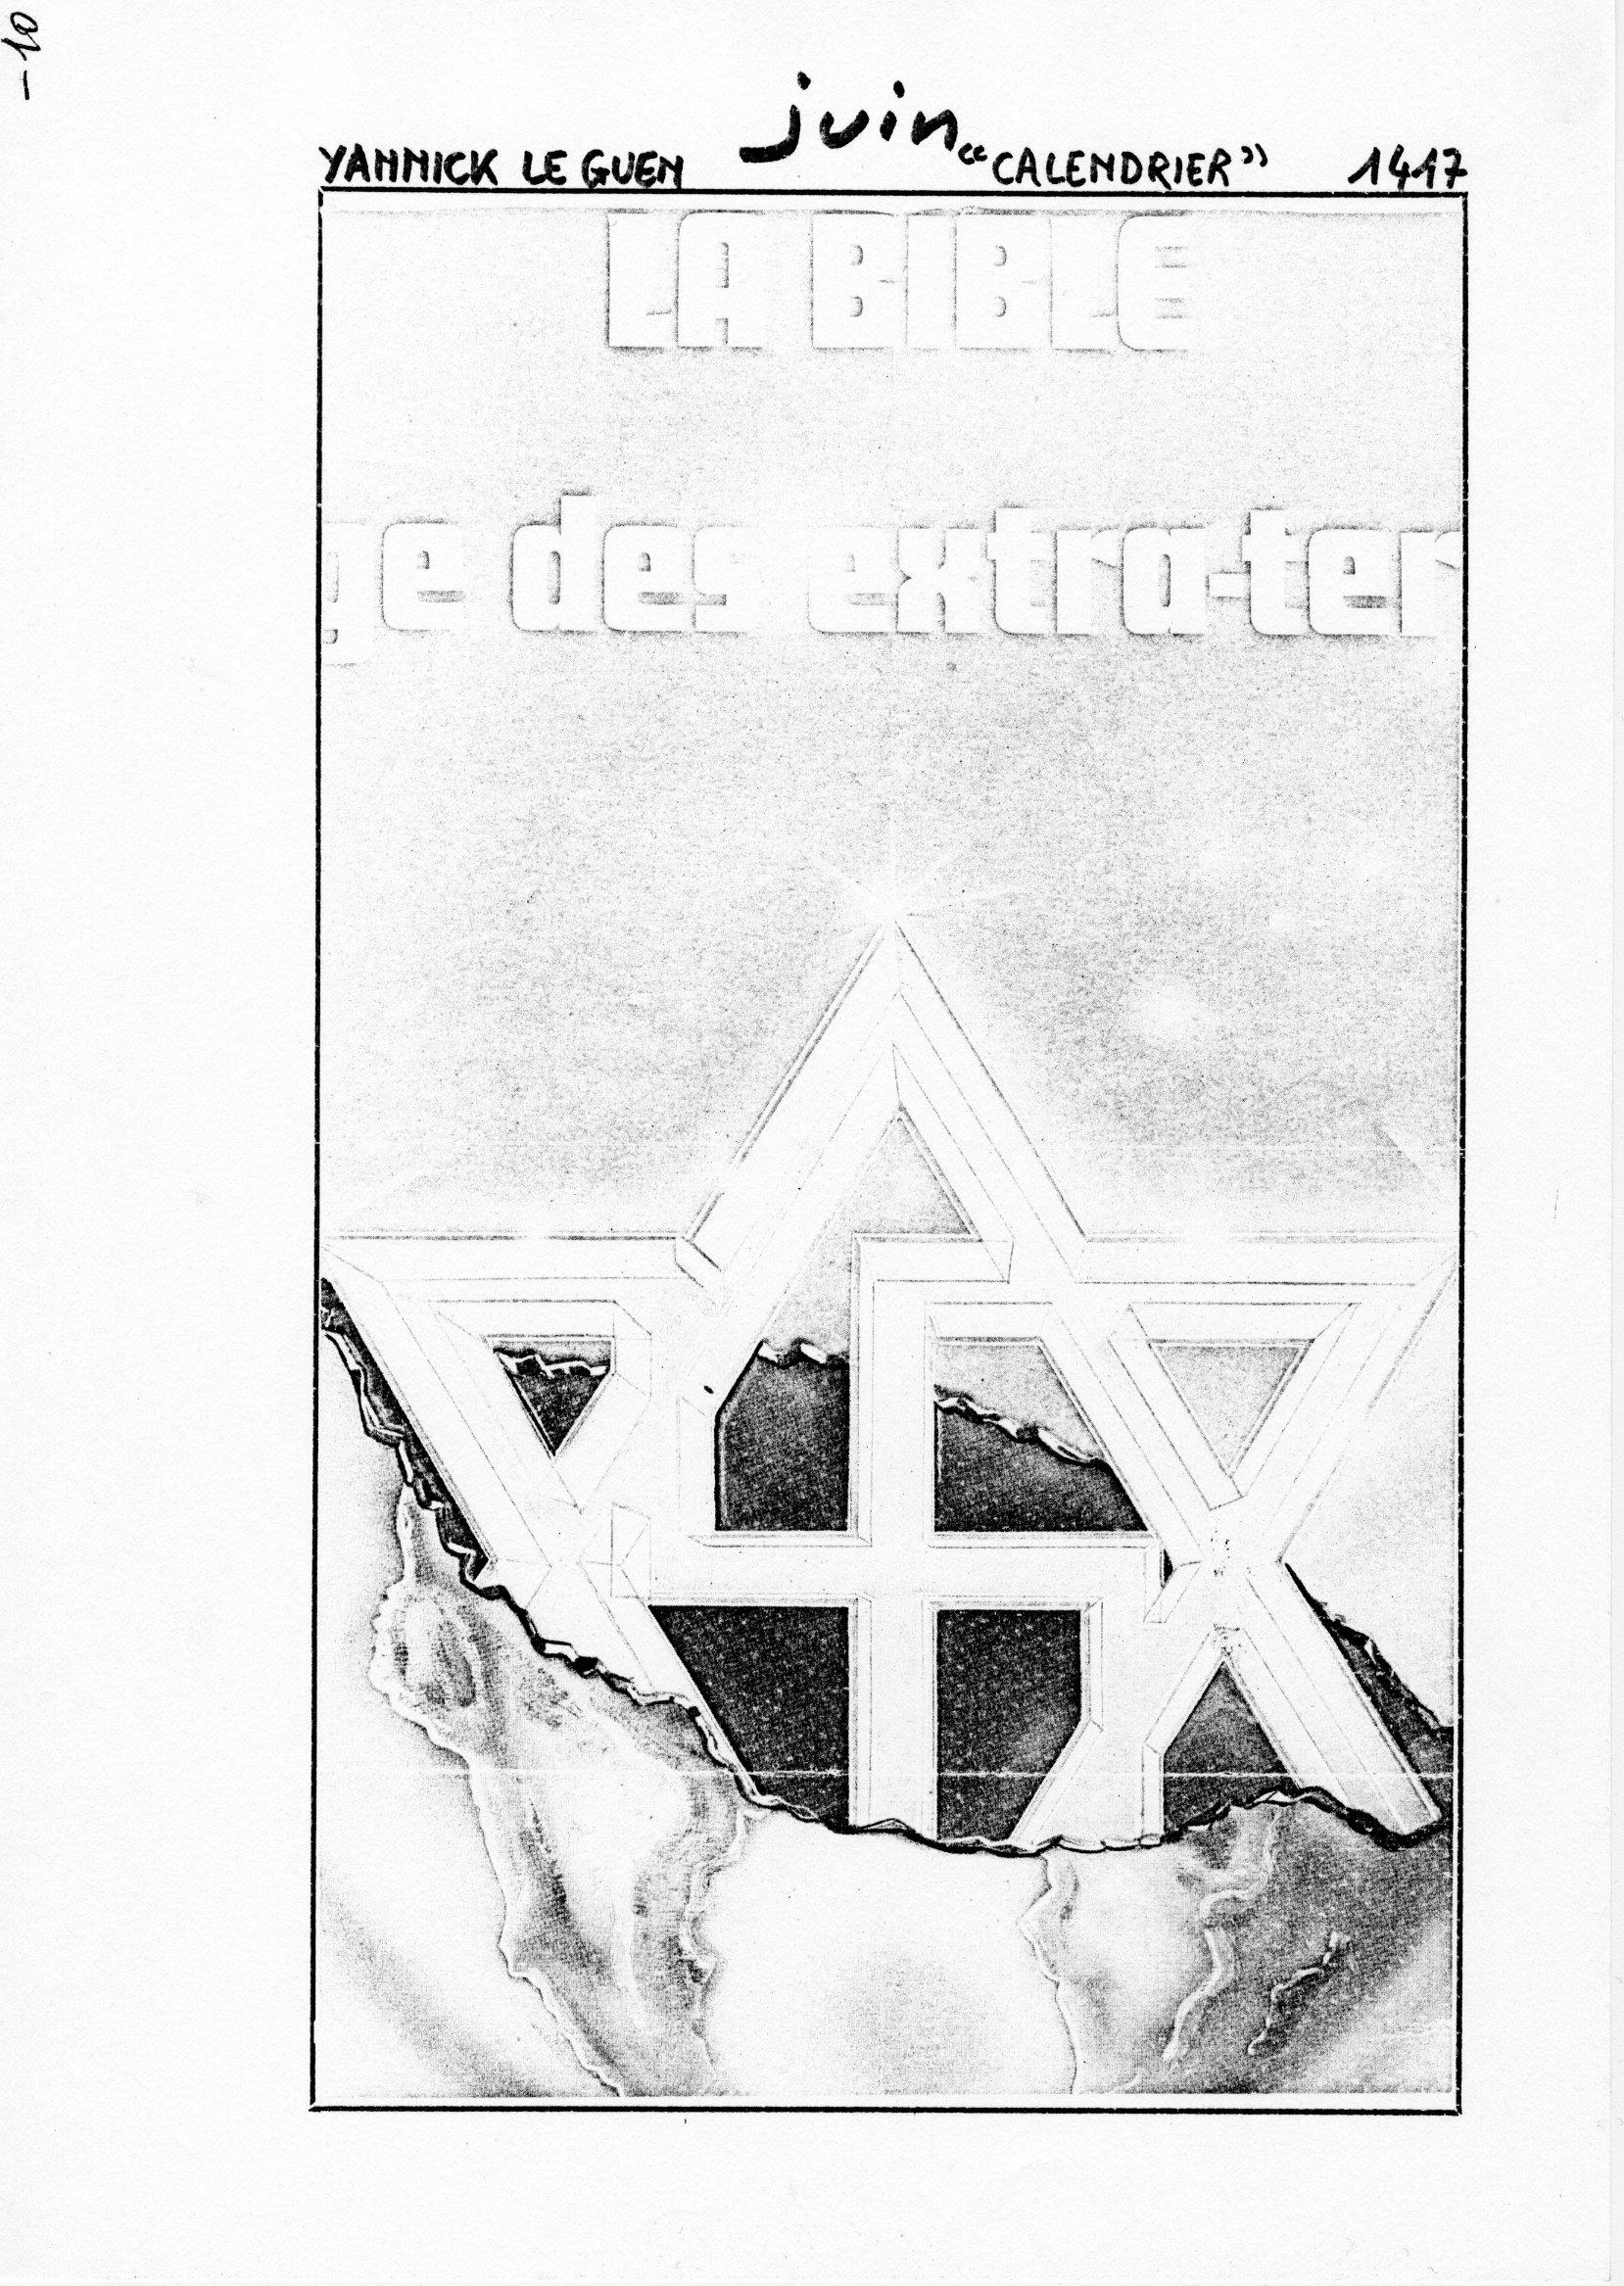 page 1417 Y. Leguen CALENDRIER